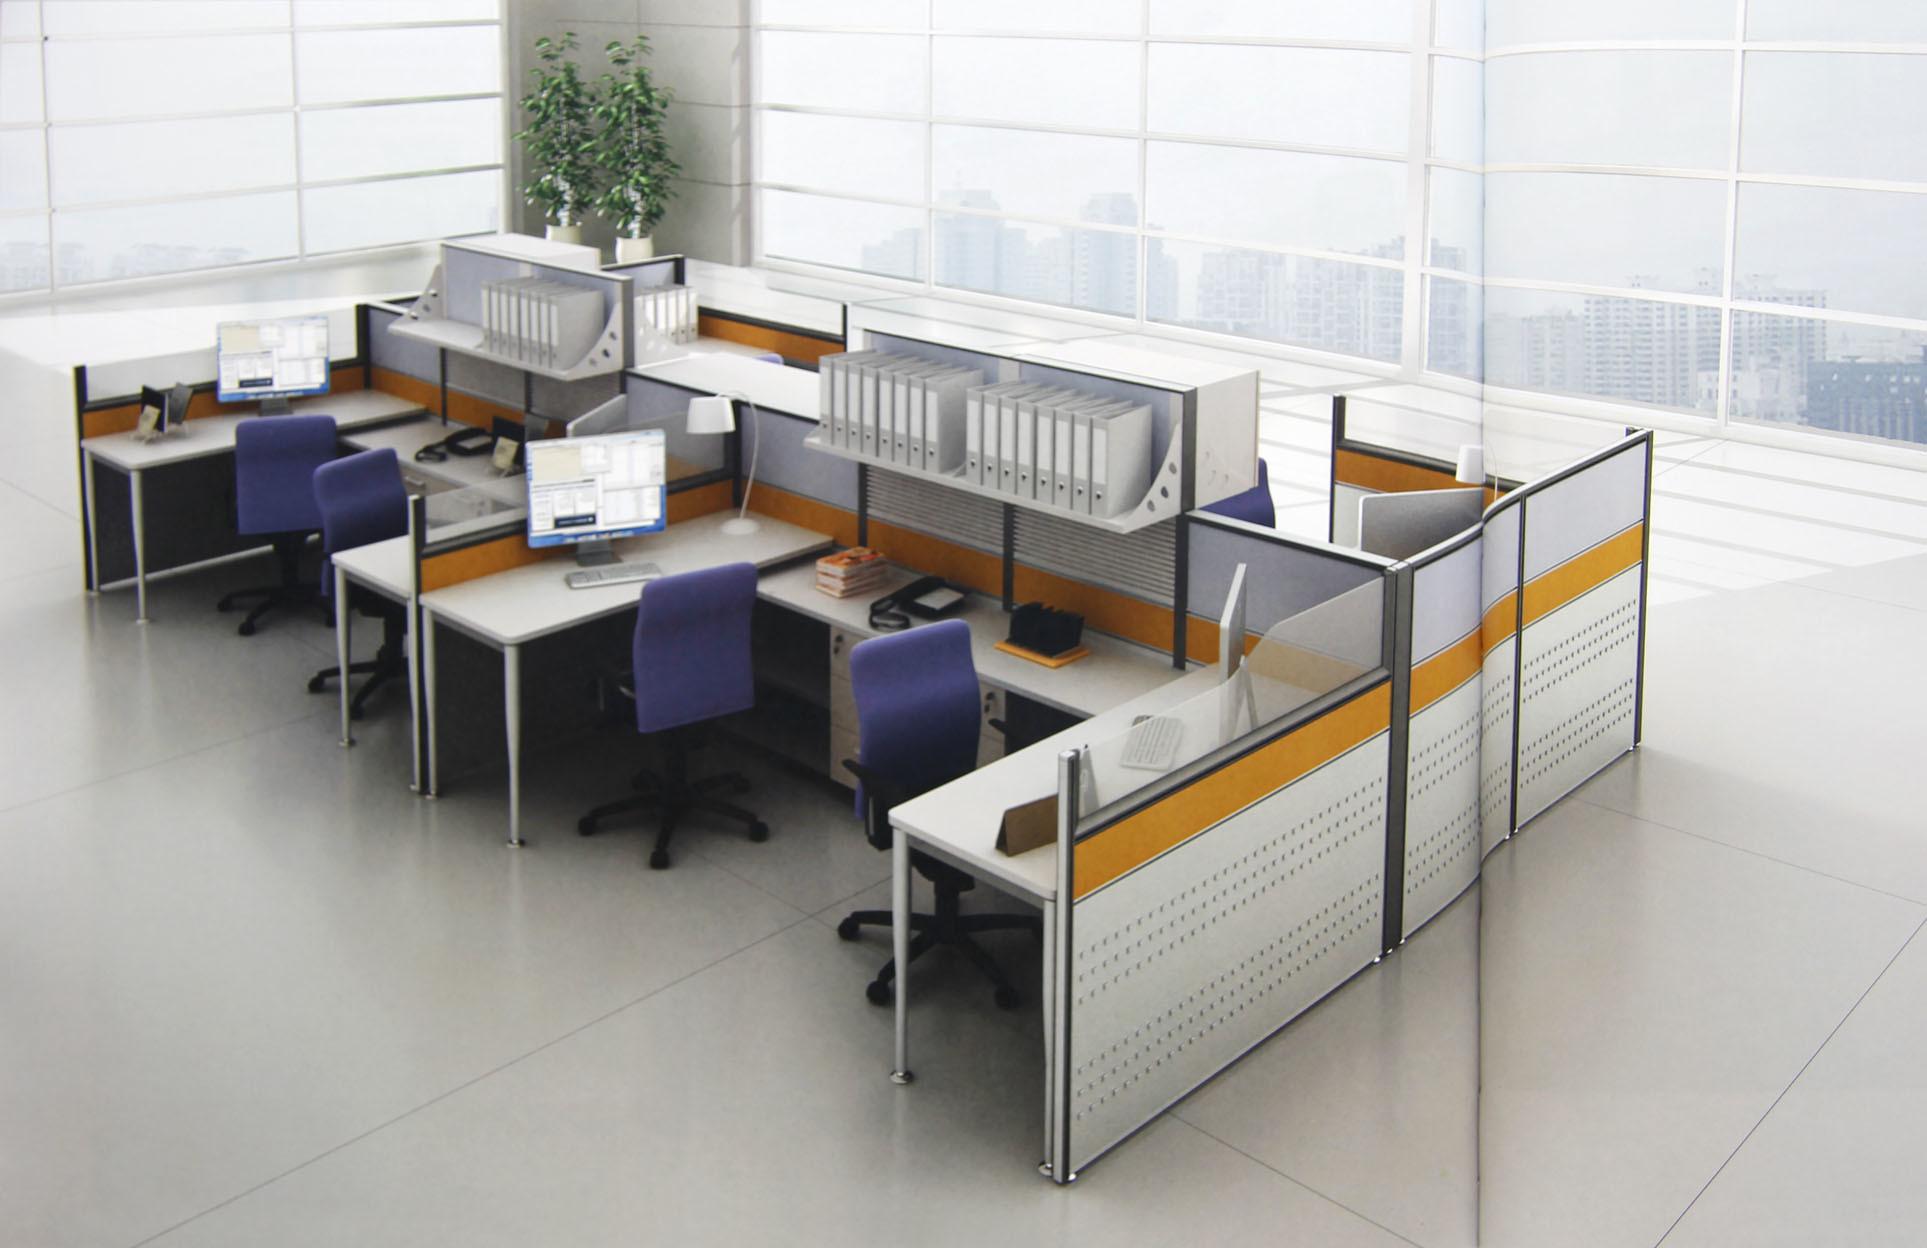 Alle produkte zur verf gung gestellt vonguangzhou owin for 5s office design